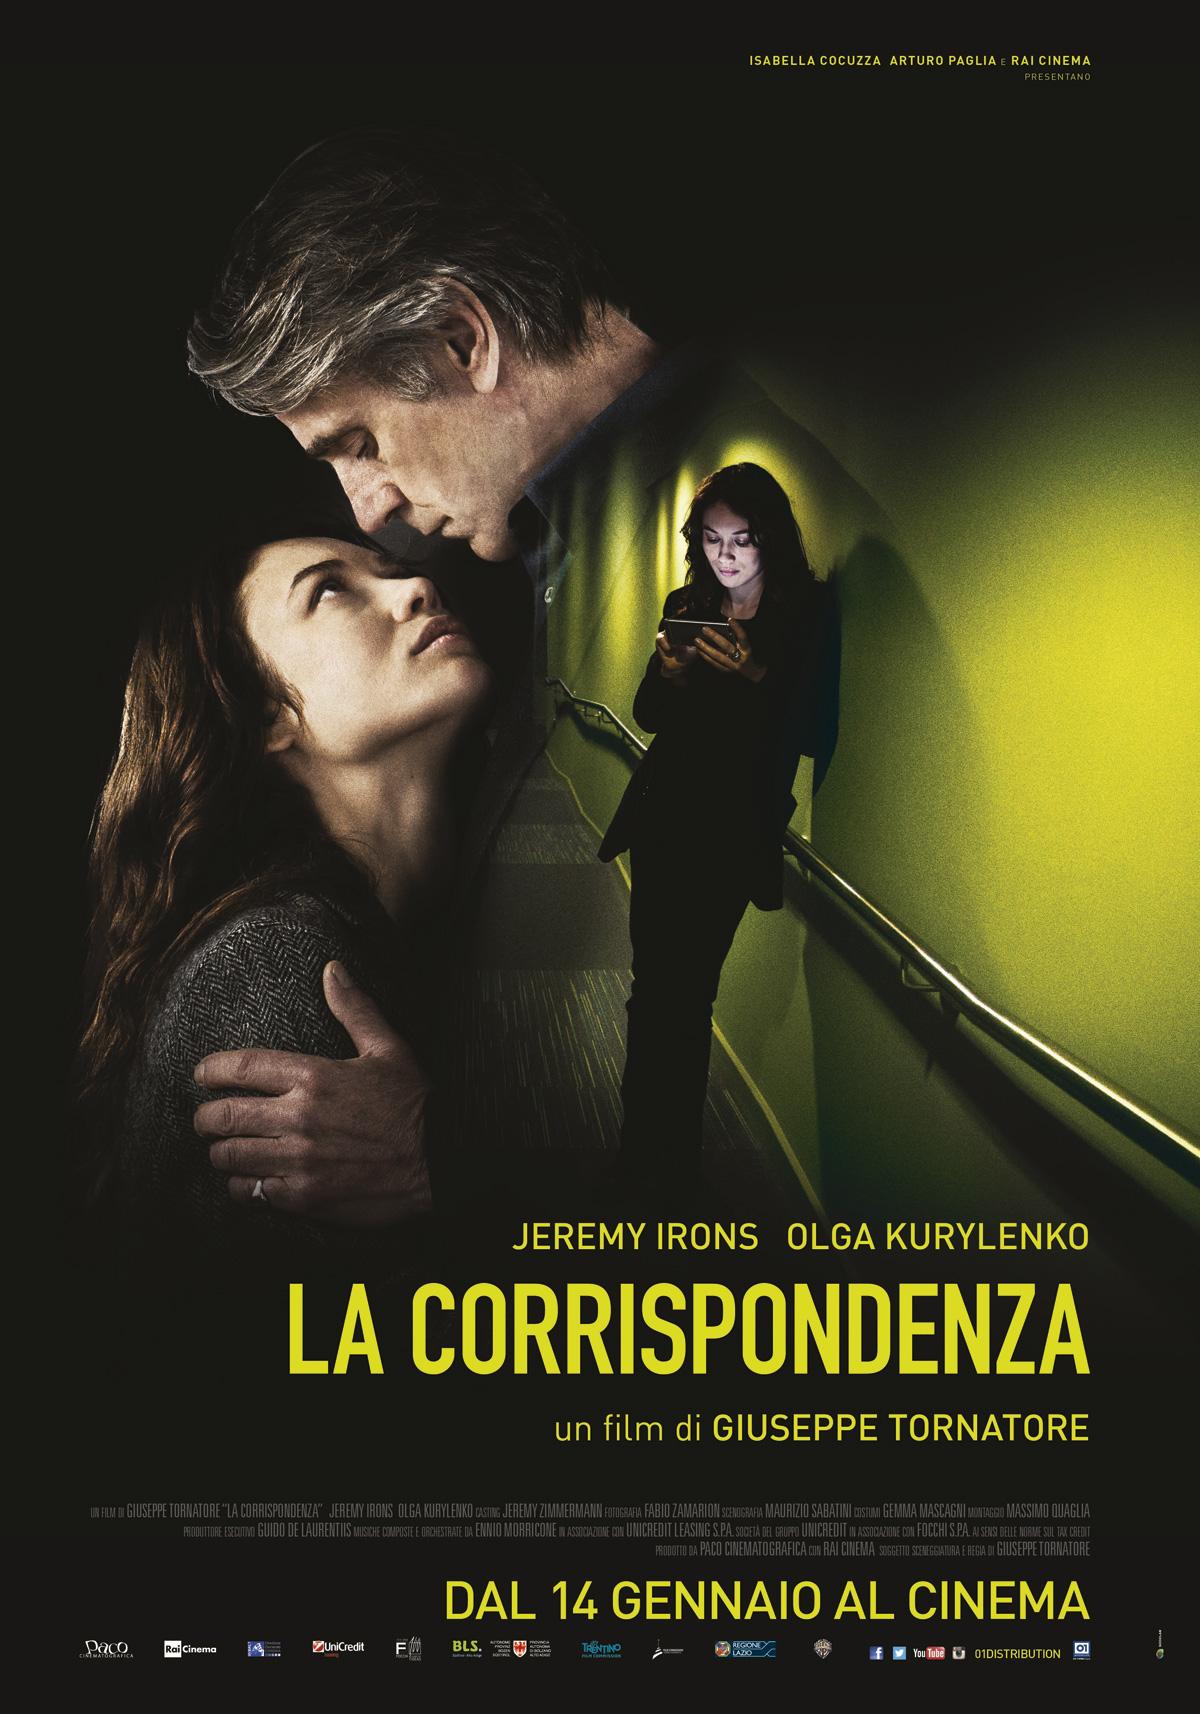 affiche du film La corrispondenza